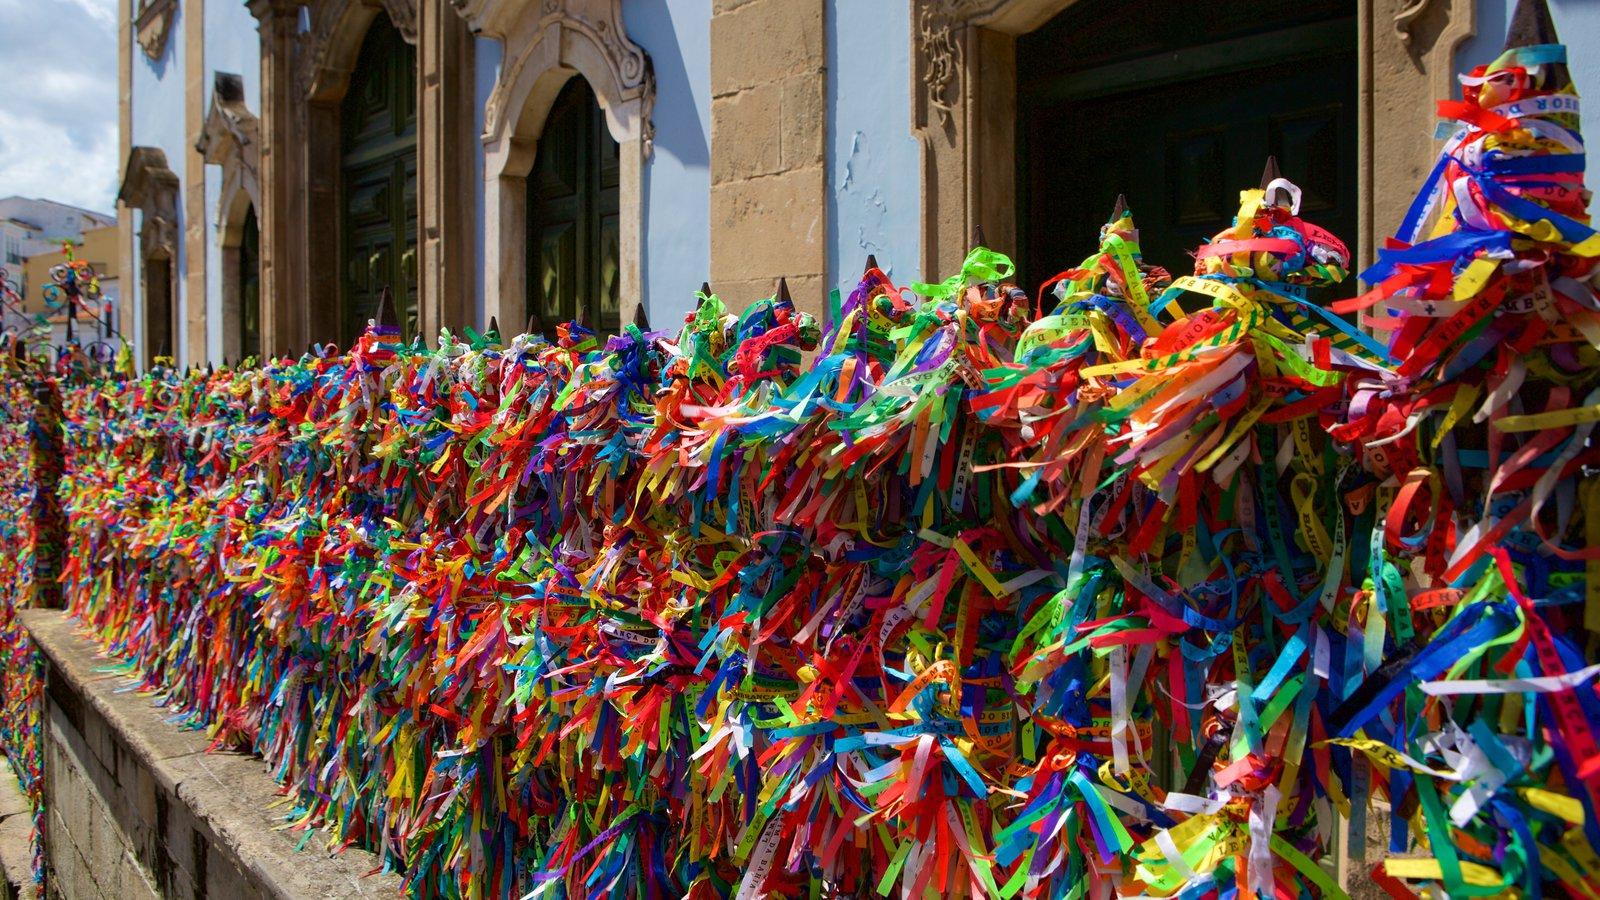 Nossa Senhora do Rosário dos Pretos mostrando elementos de patrimônio e arte ao ar livre